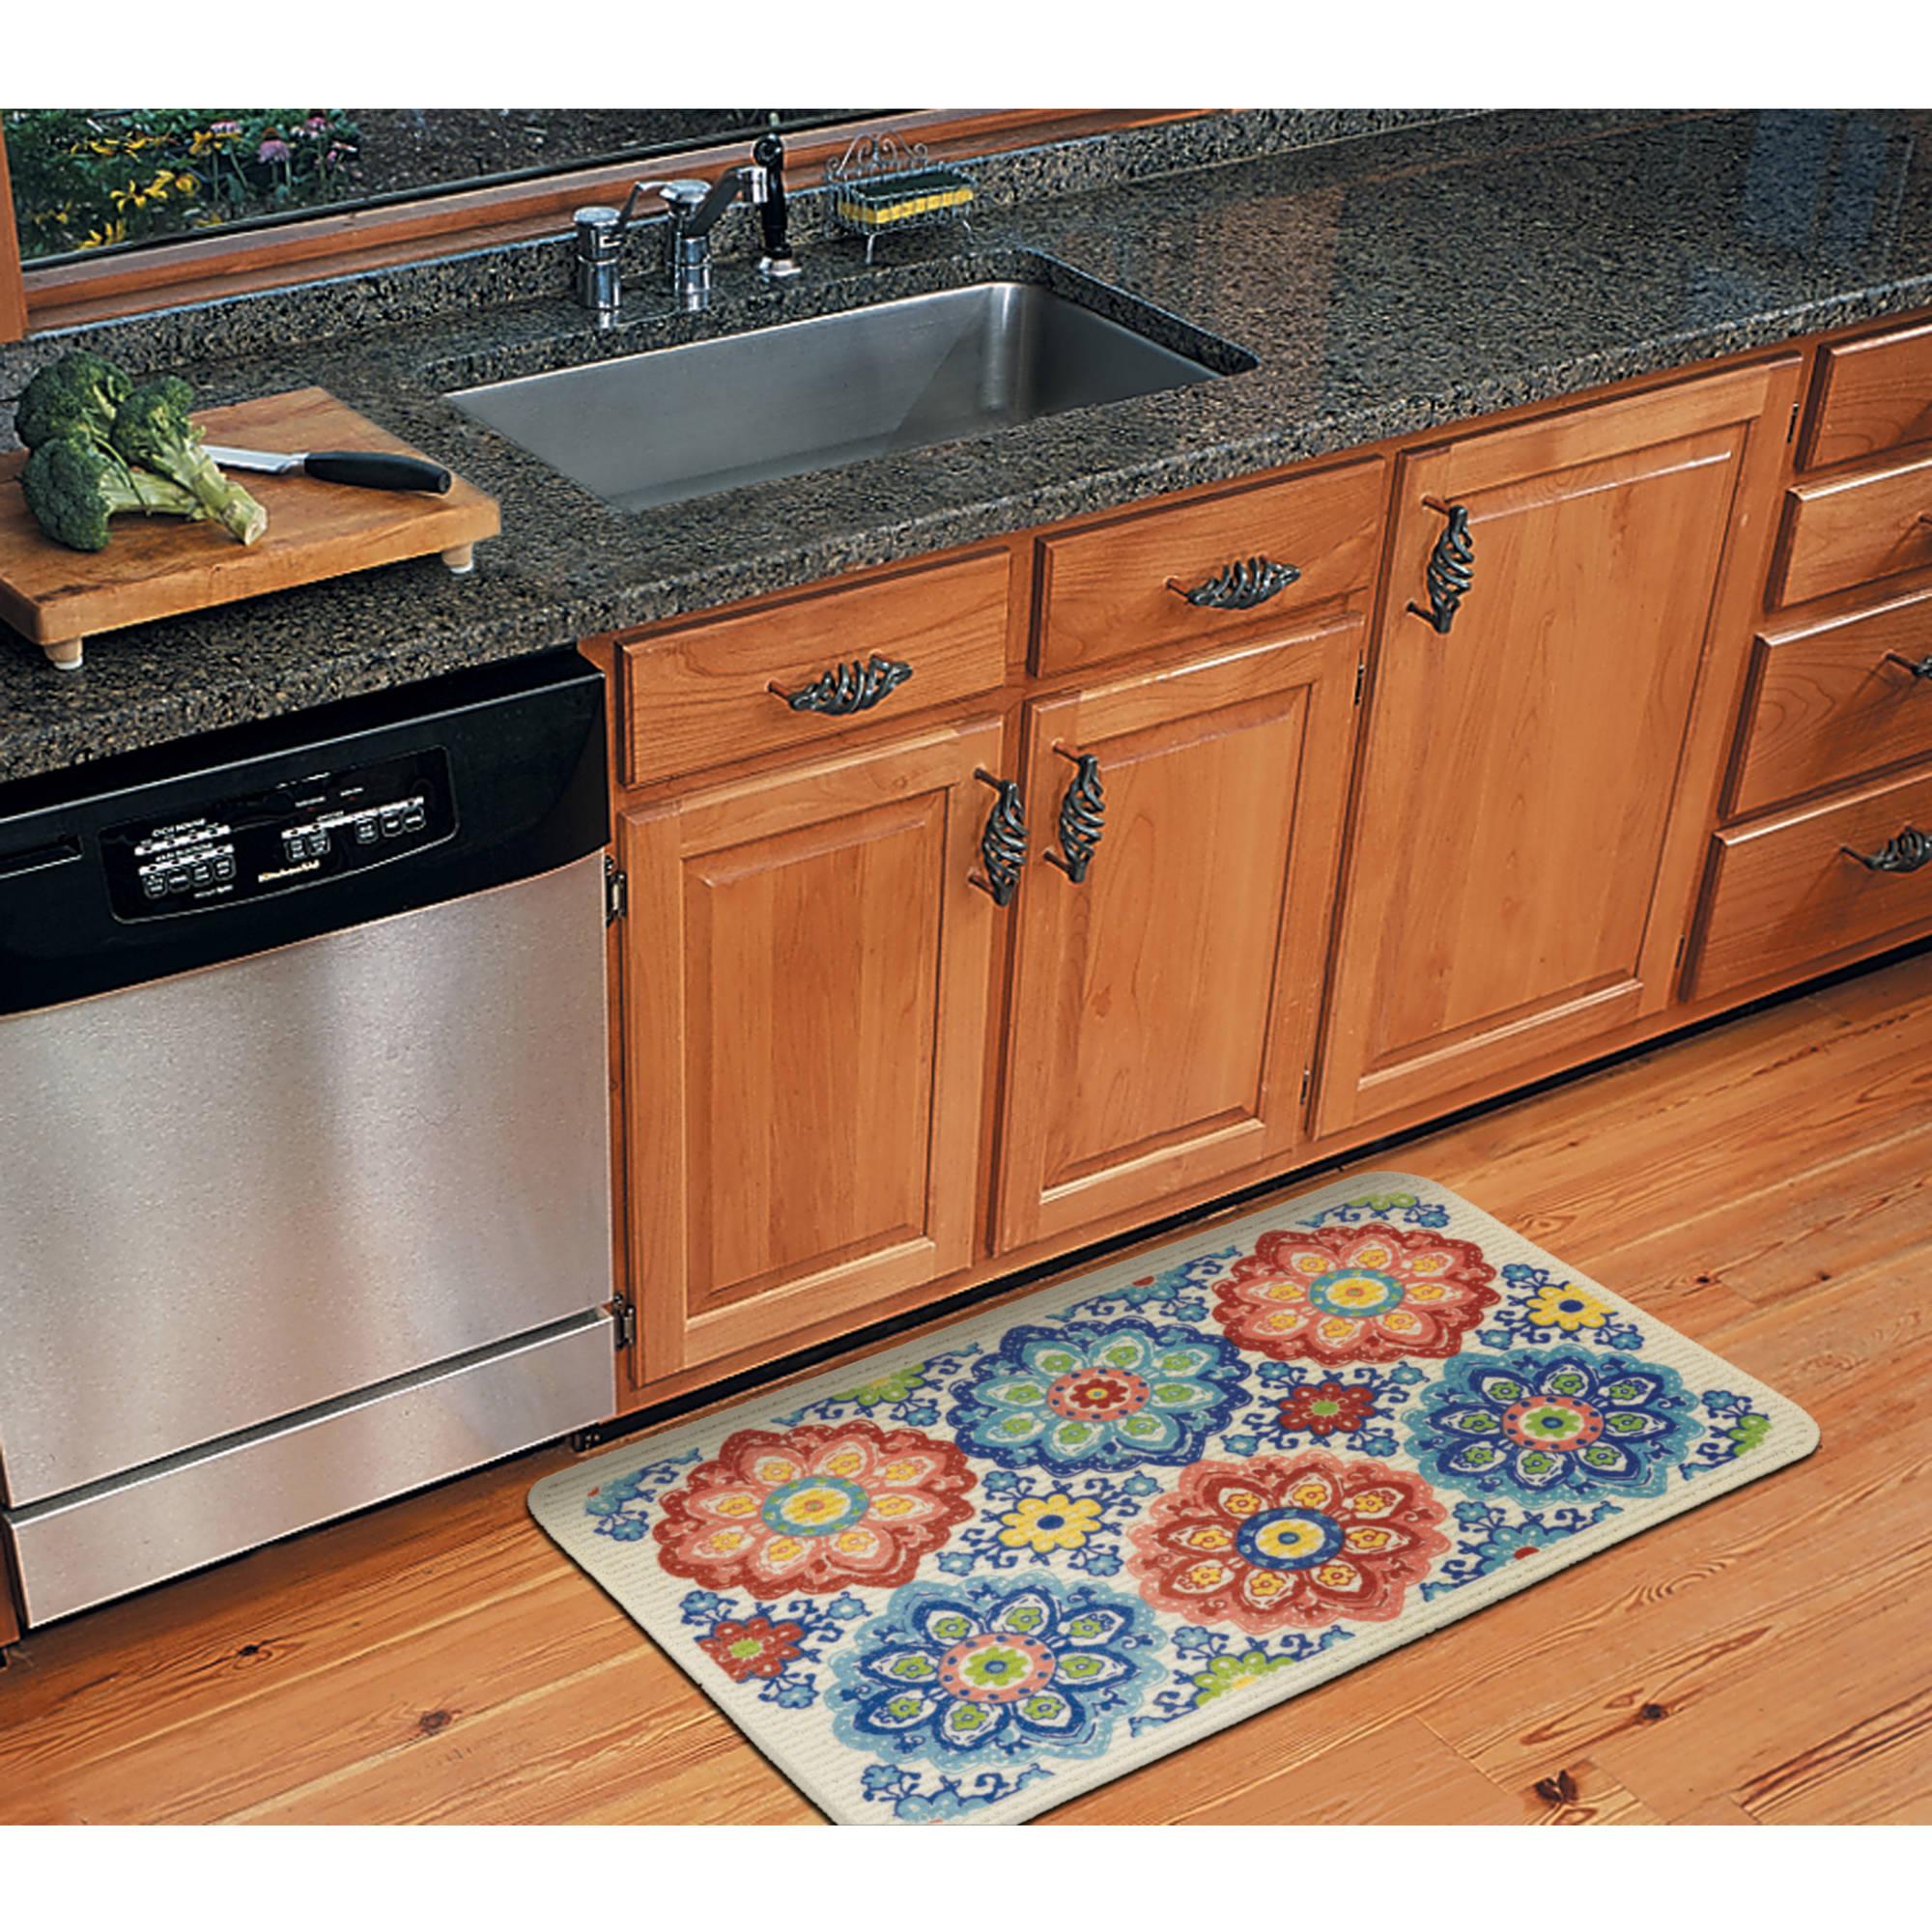 kitchen rug mainstays owl branches kitchen mat - walmart.com IBTYPGQ